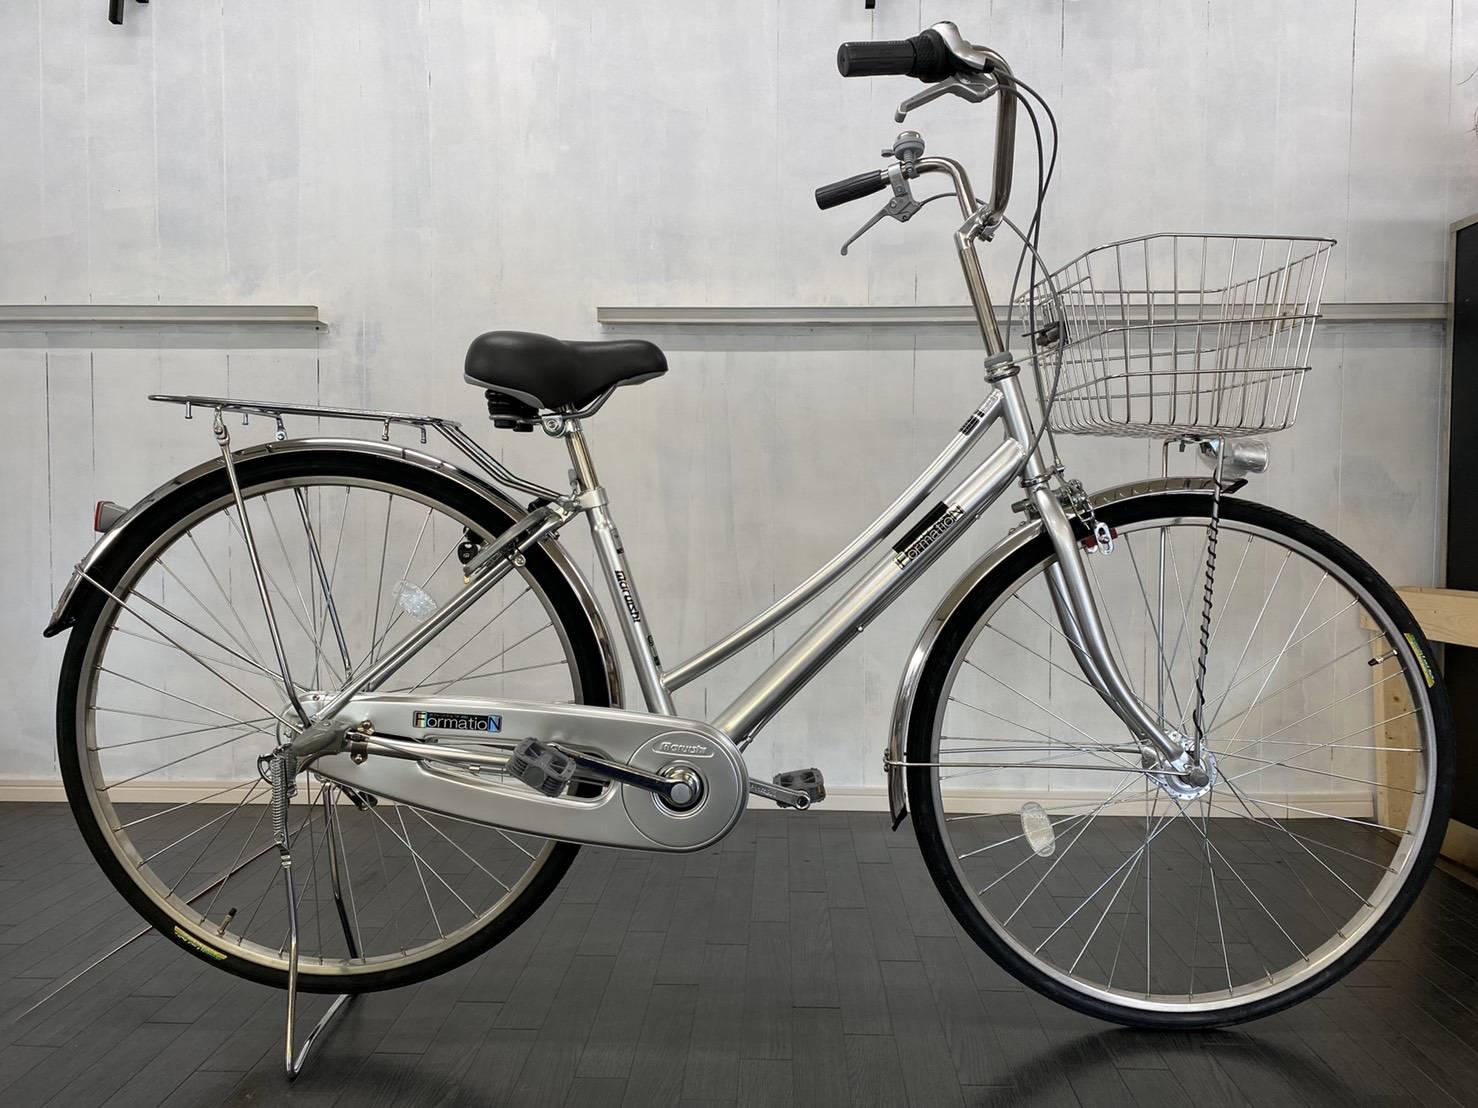 丸石自転車フォーメーションWループ オートライト、ローラーブレーキ、ステンレスリム、泥除け、ディンプルキー